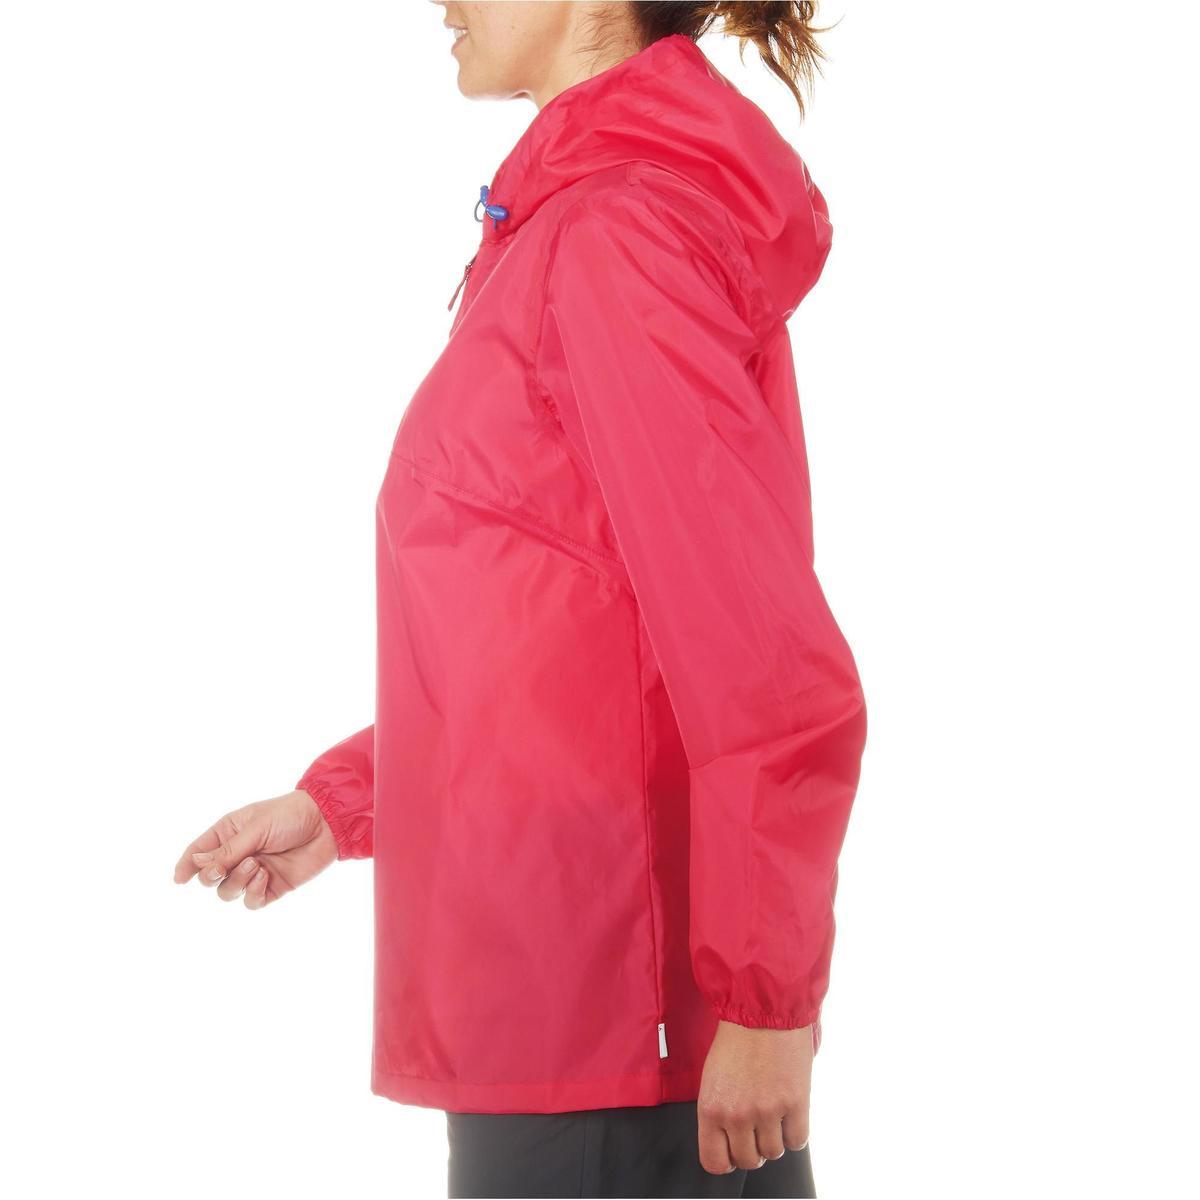 Bild 5 von Regenjacke Raincut Damen rot